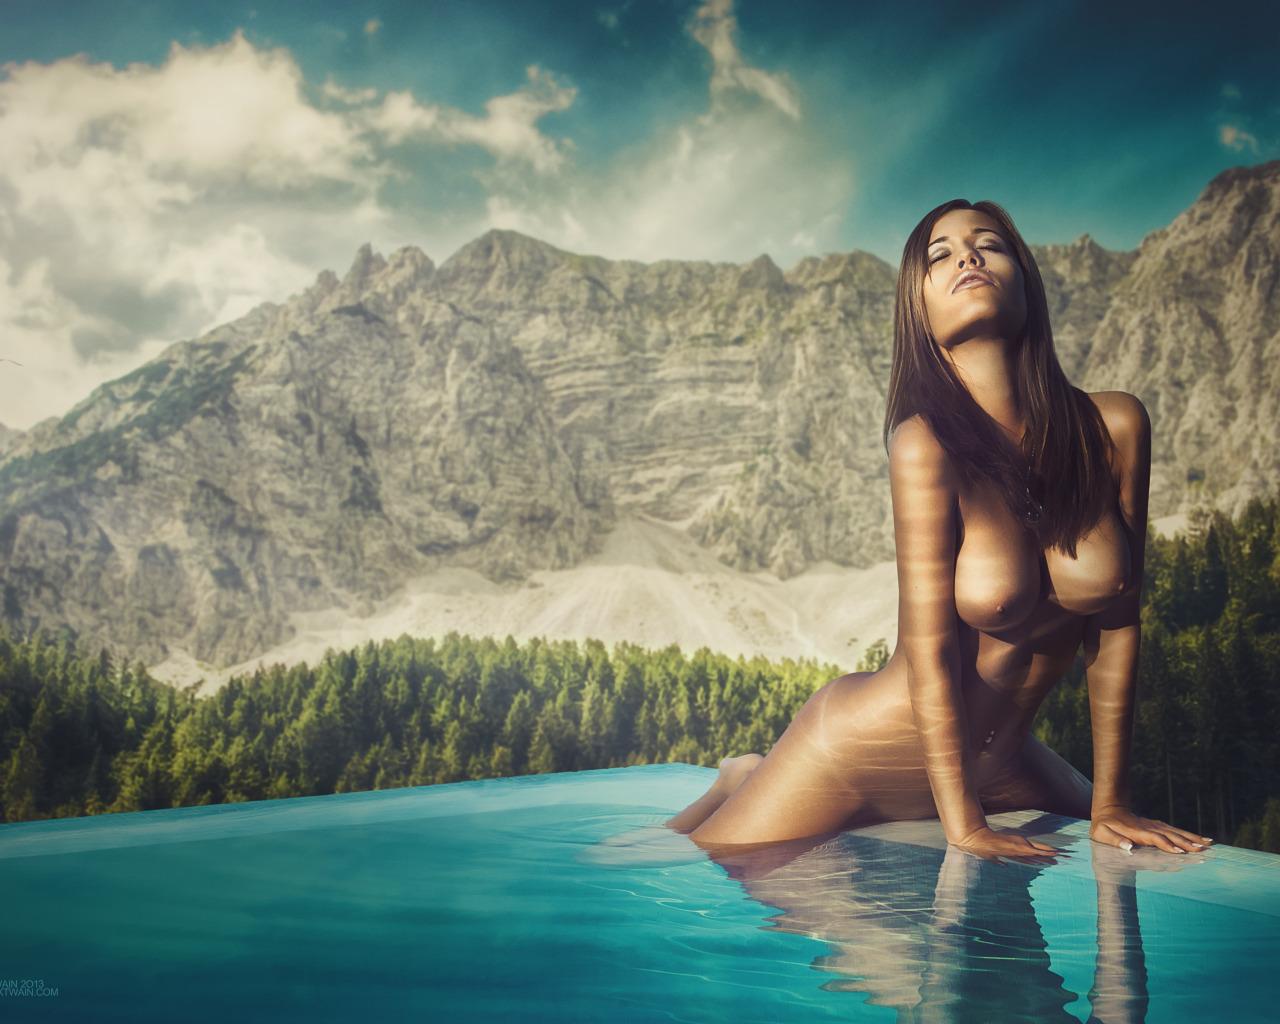 Ближним планом голая девушка на горе видеокамеру камеру спящих